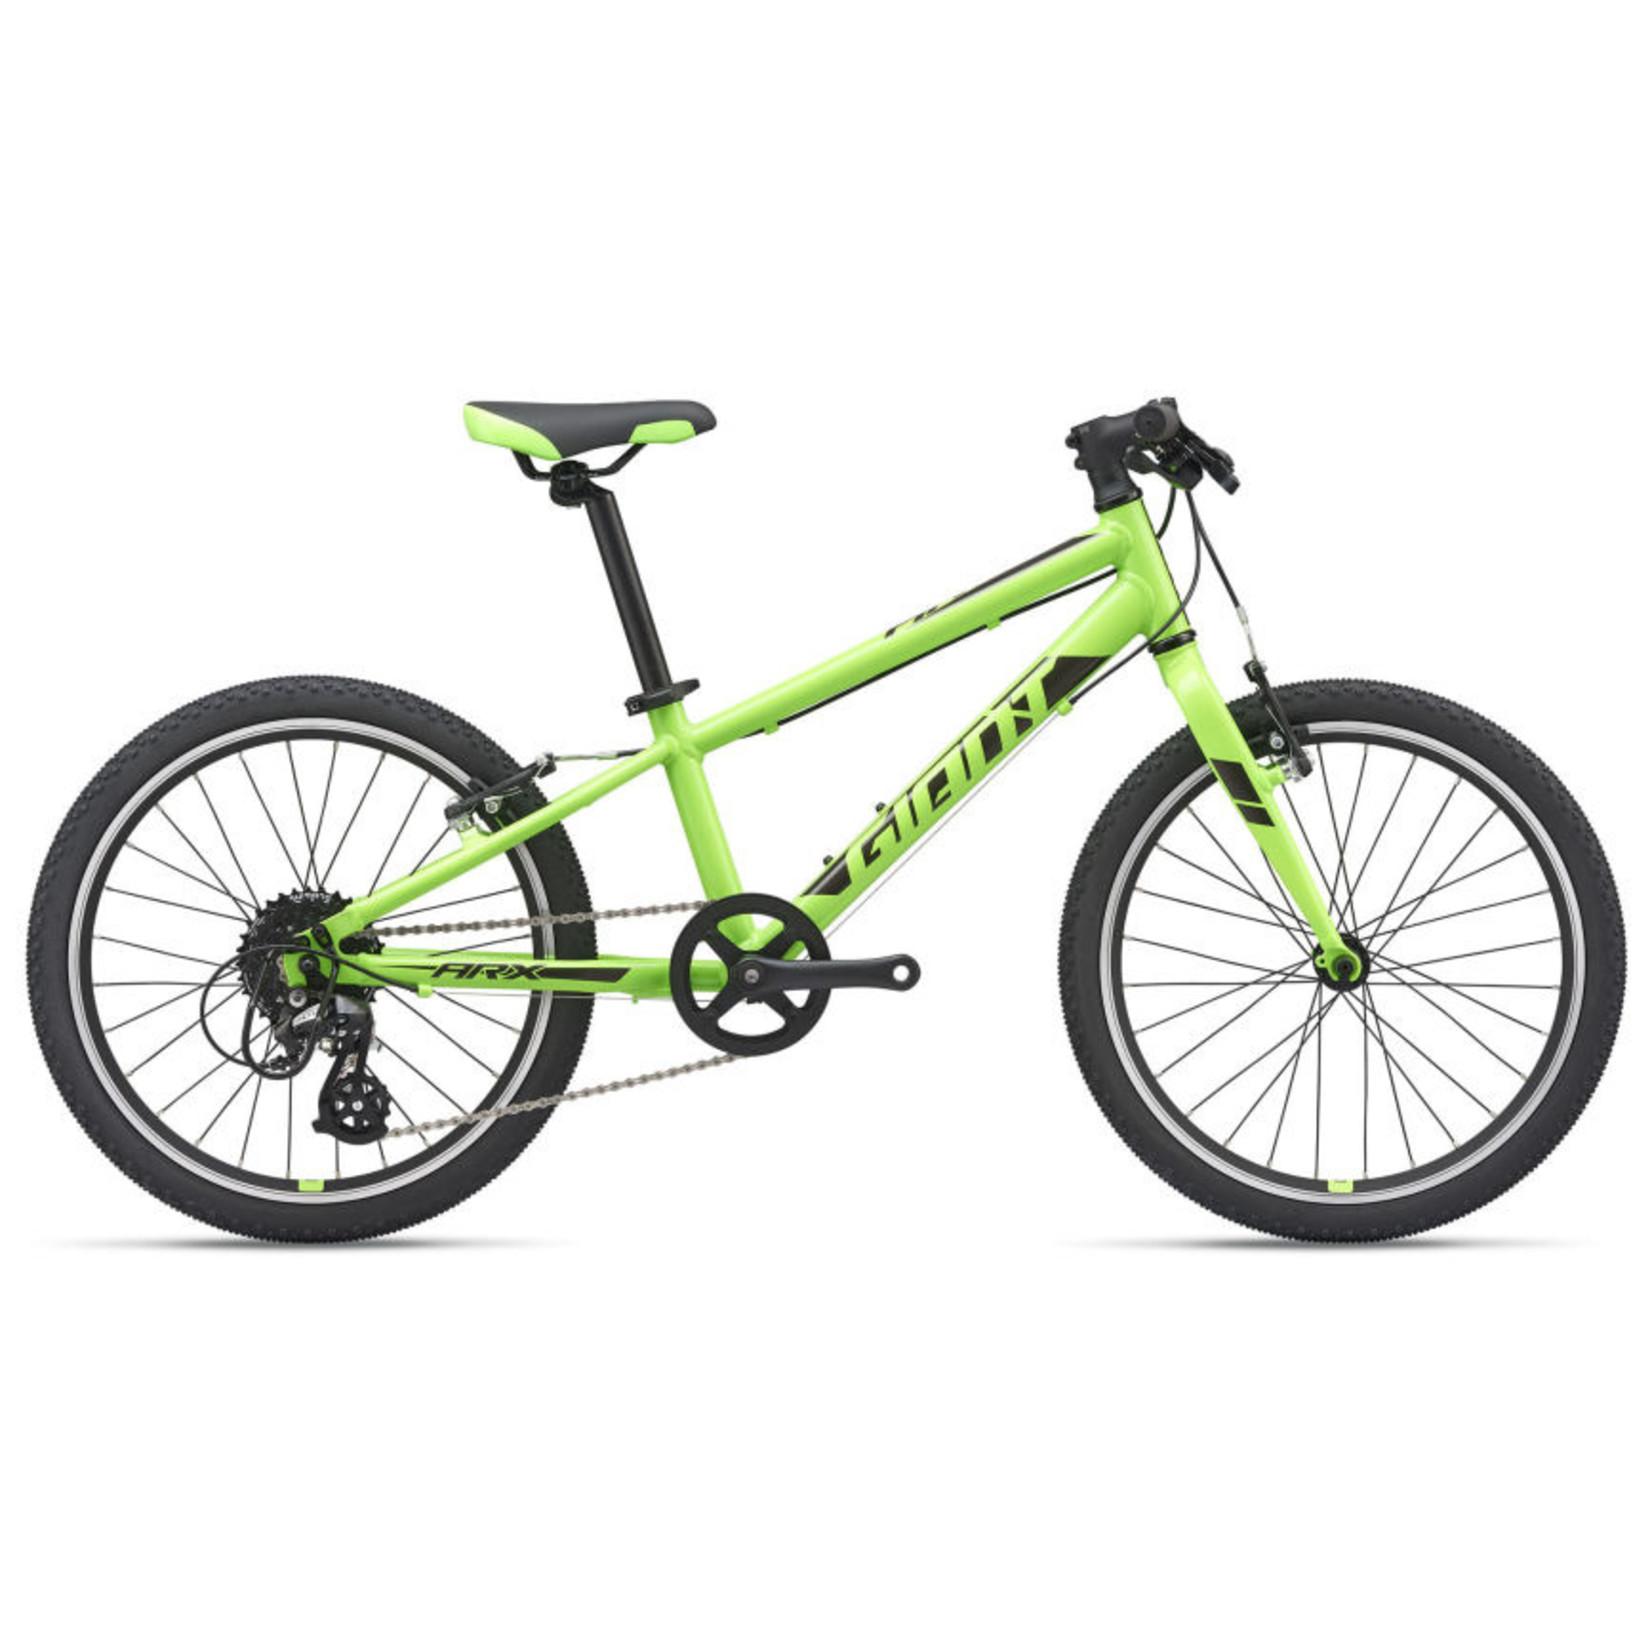 Giant 21 ARX 20 OSFM Neon Green